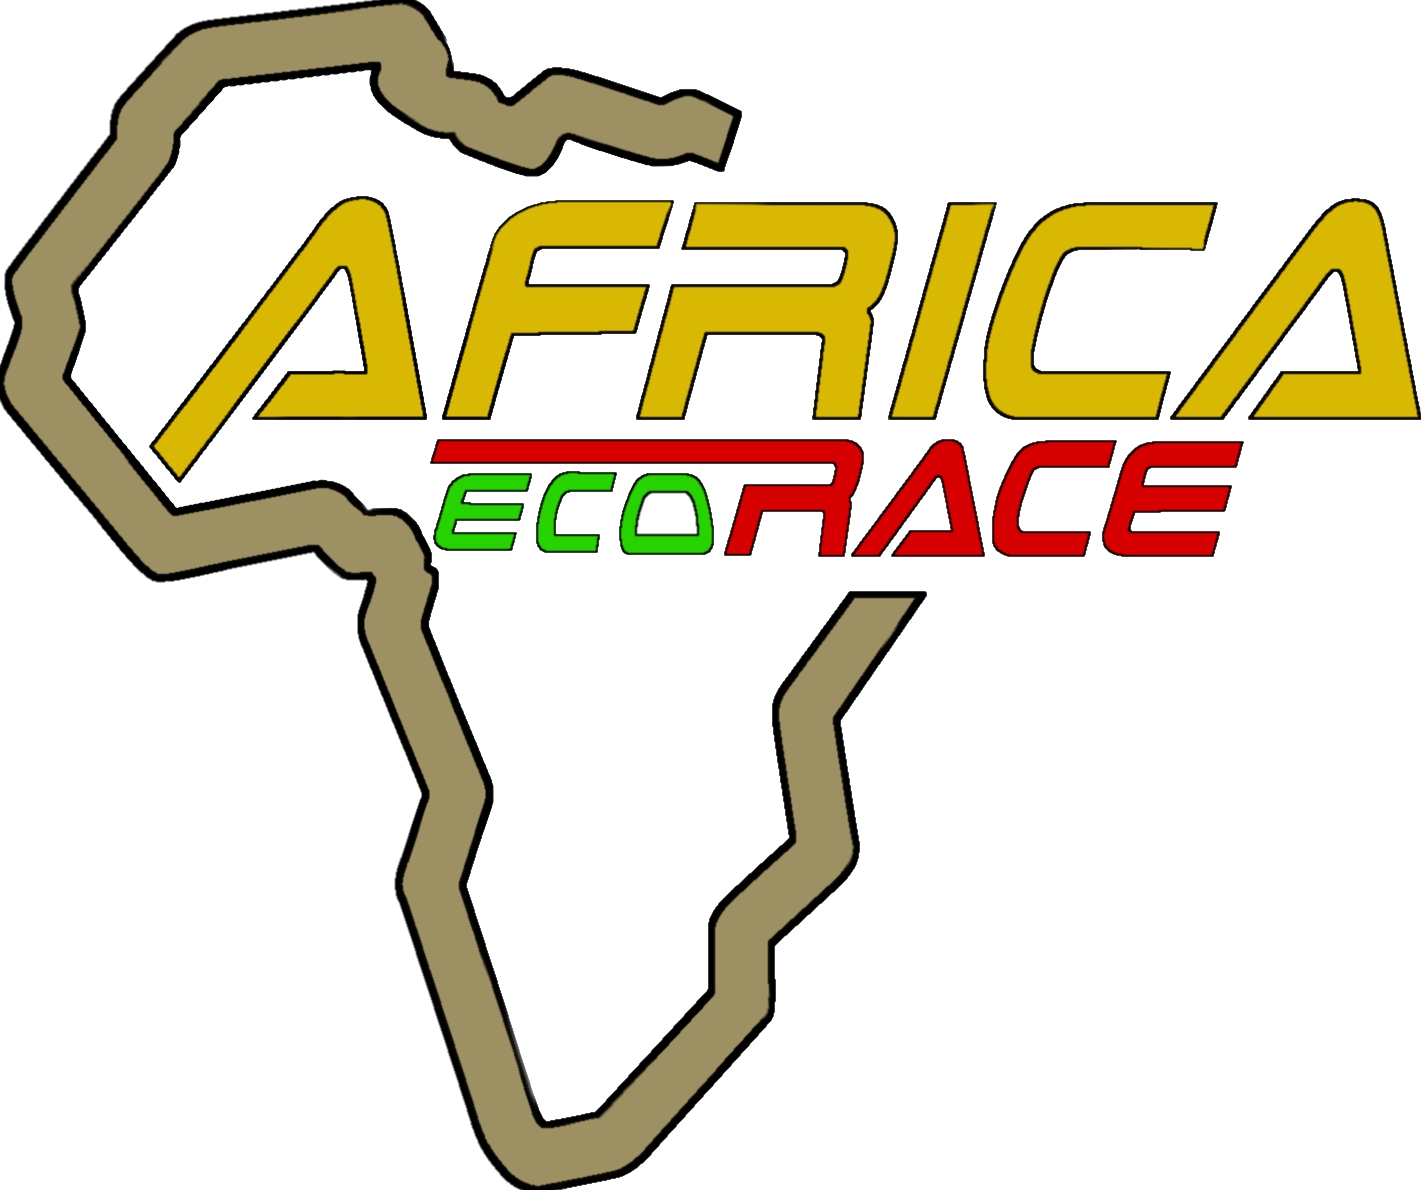 Afbeeldingsresultaat voor africa eco race 2018